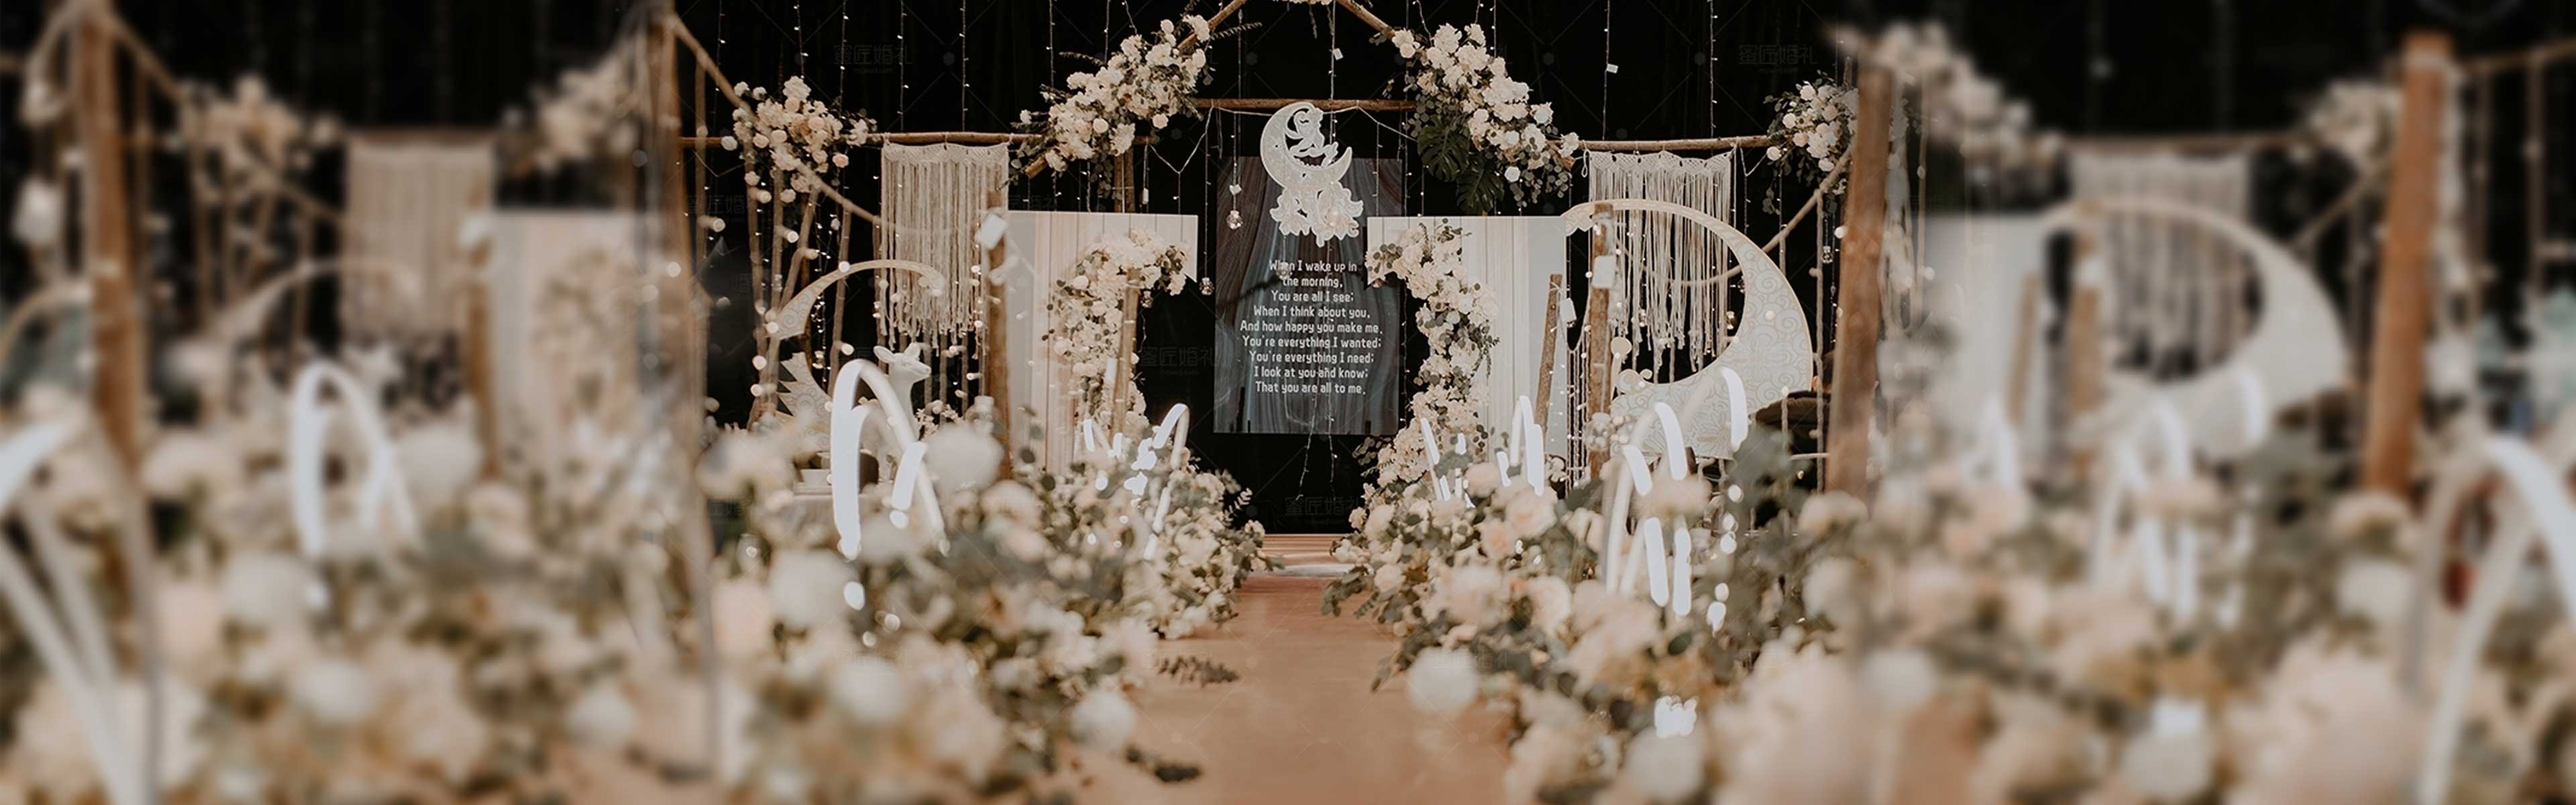 津市婚庆策划案例:最美婚礼 第12月 | 湖北 武汉